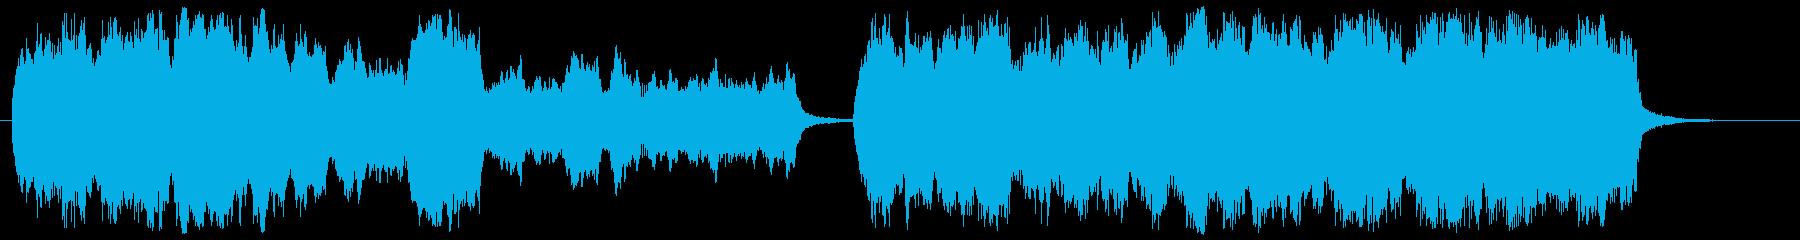 ストリングス・オープニングや場面転換にの再生済みの波形